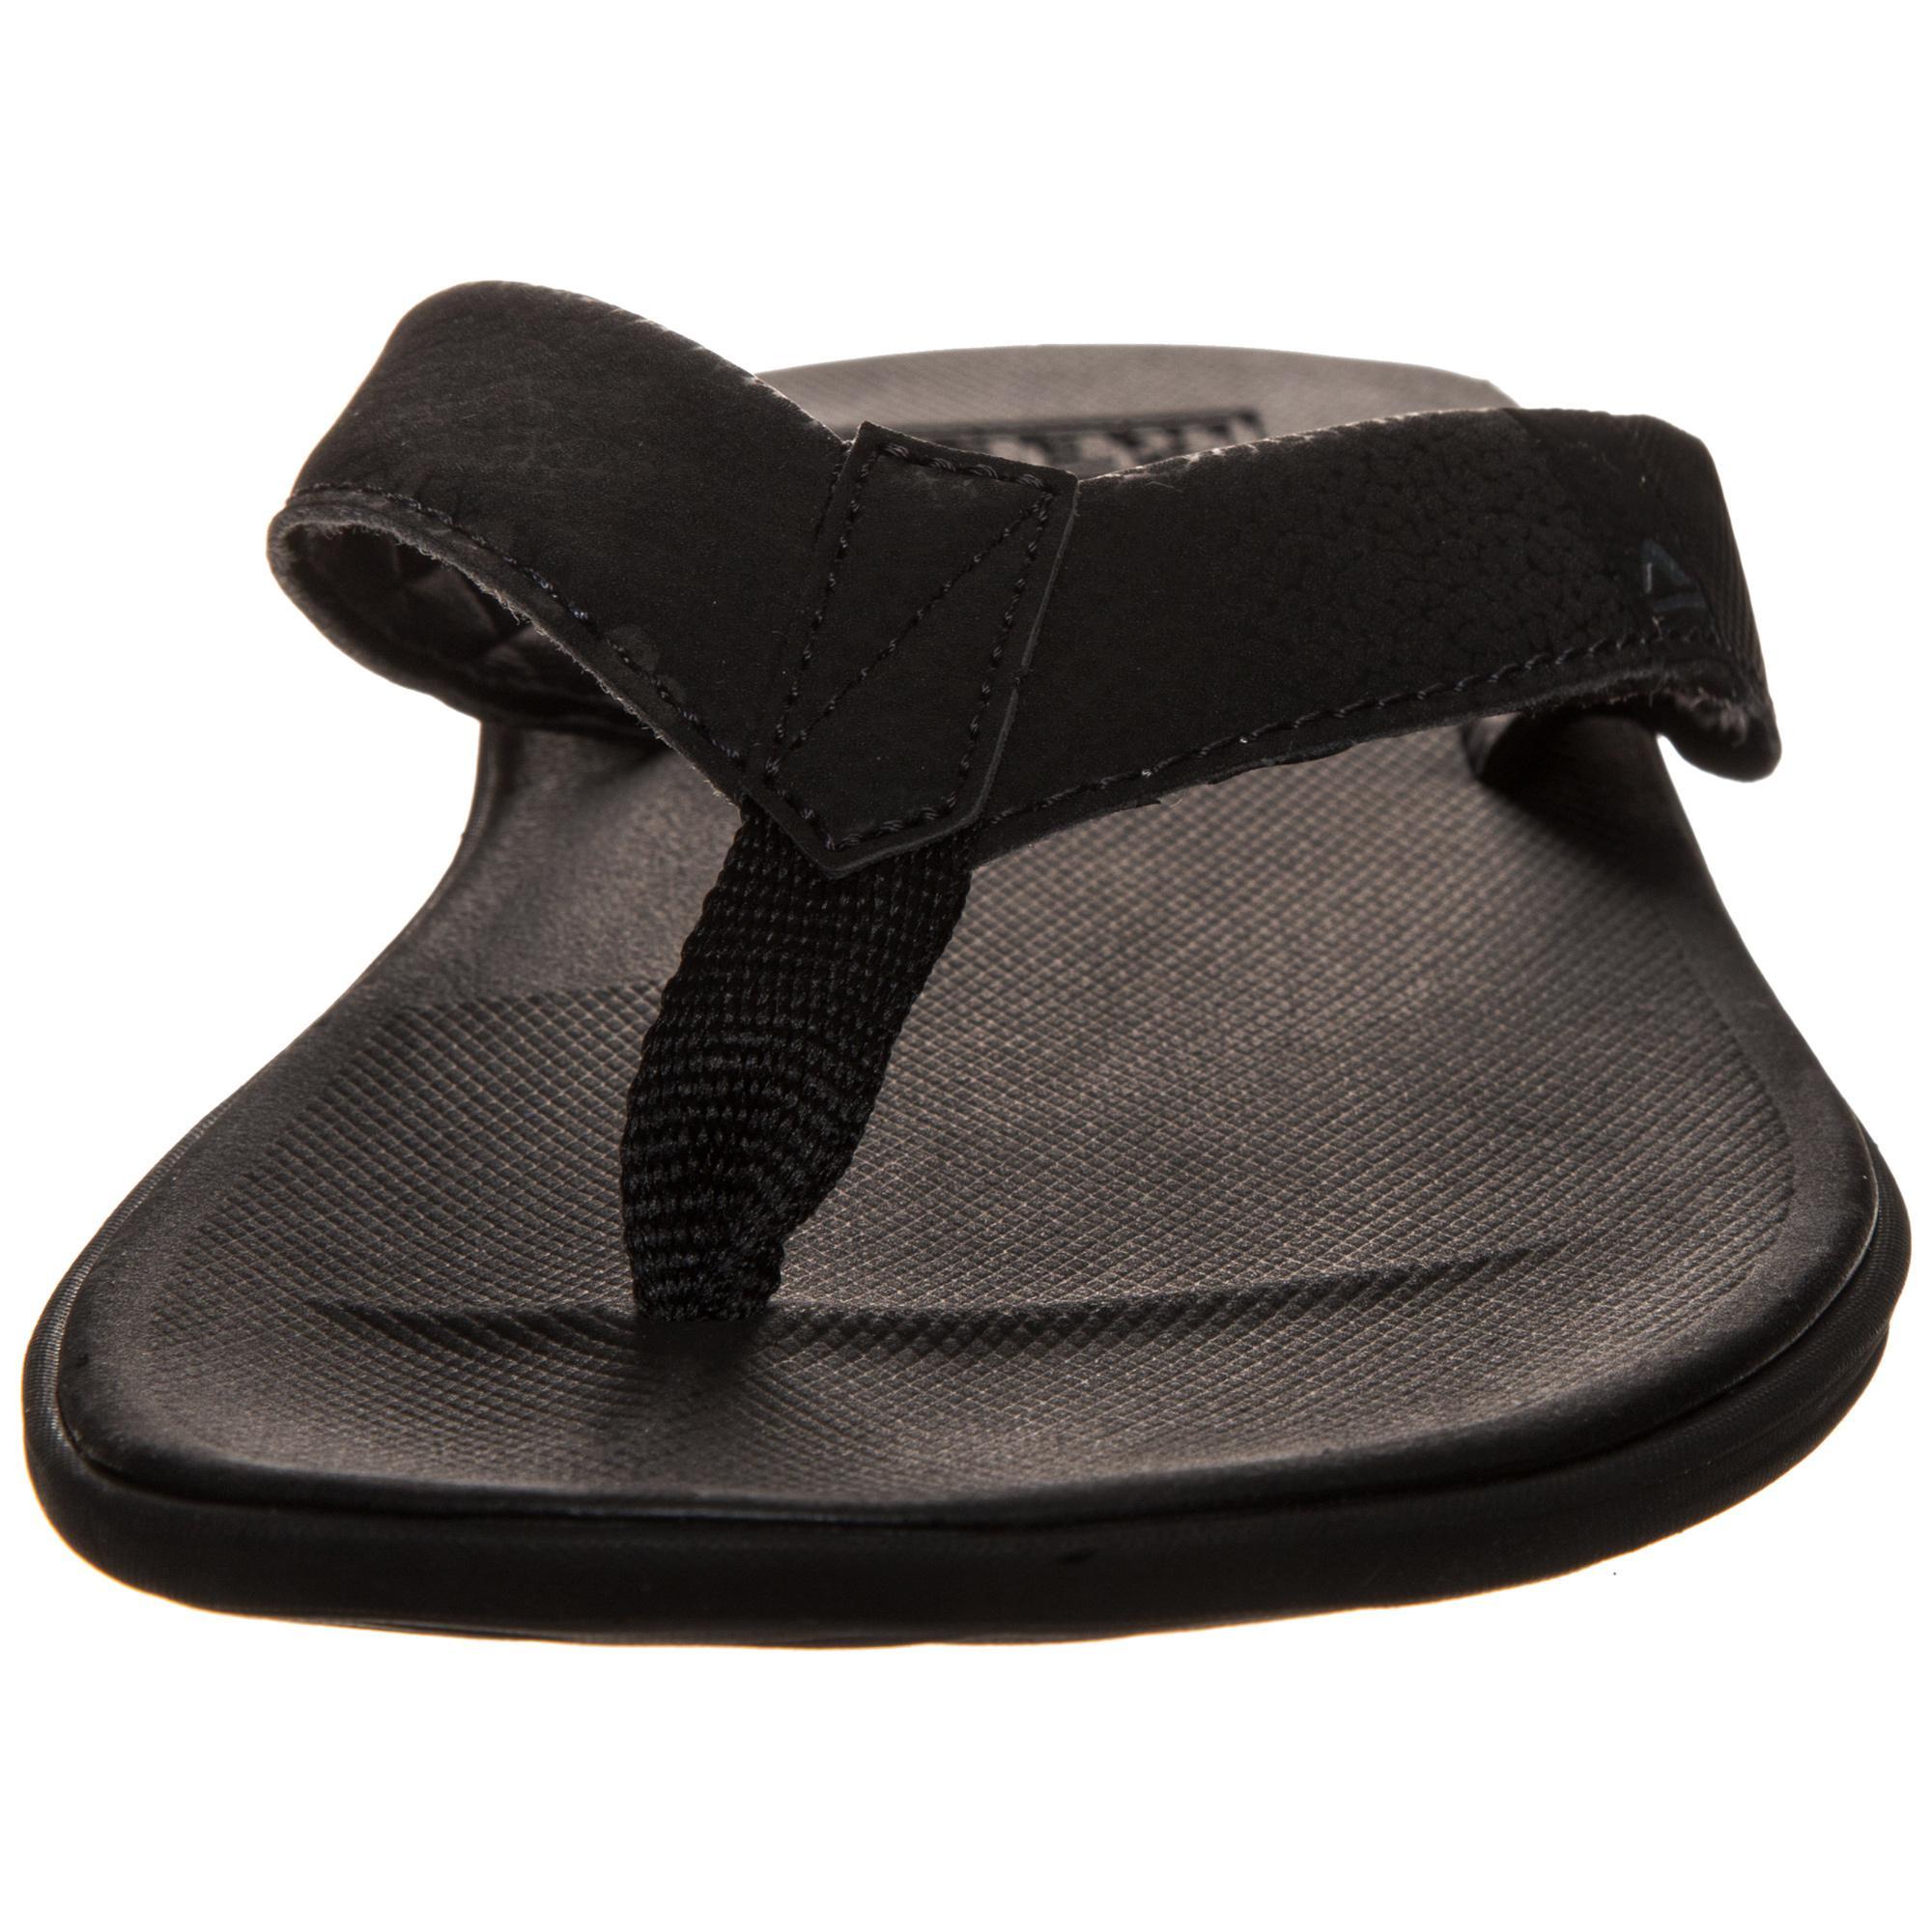 Reef Slammed Rover Zehensandalen Zehensandalen Zehensandalen Herren schwarz im Online Shop von SportScheck kaufen Gute Qualität beliebte Schuhe 627292